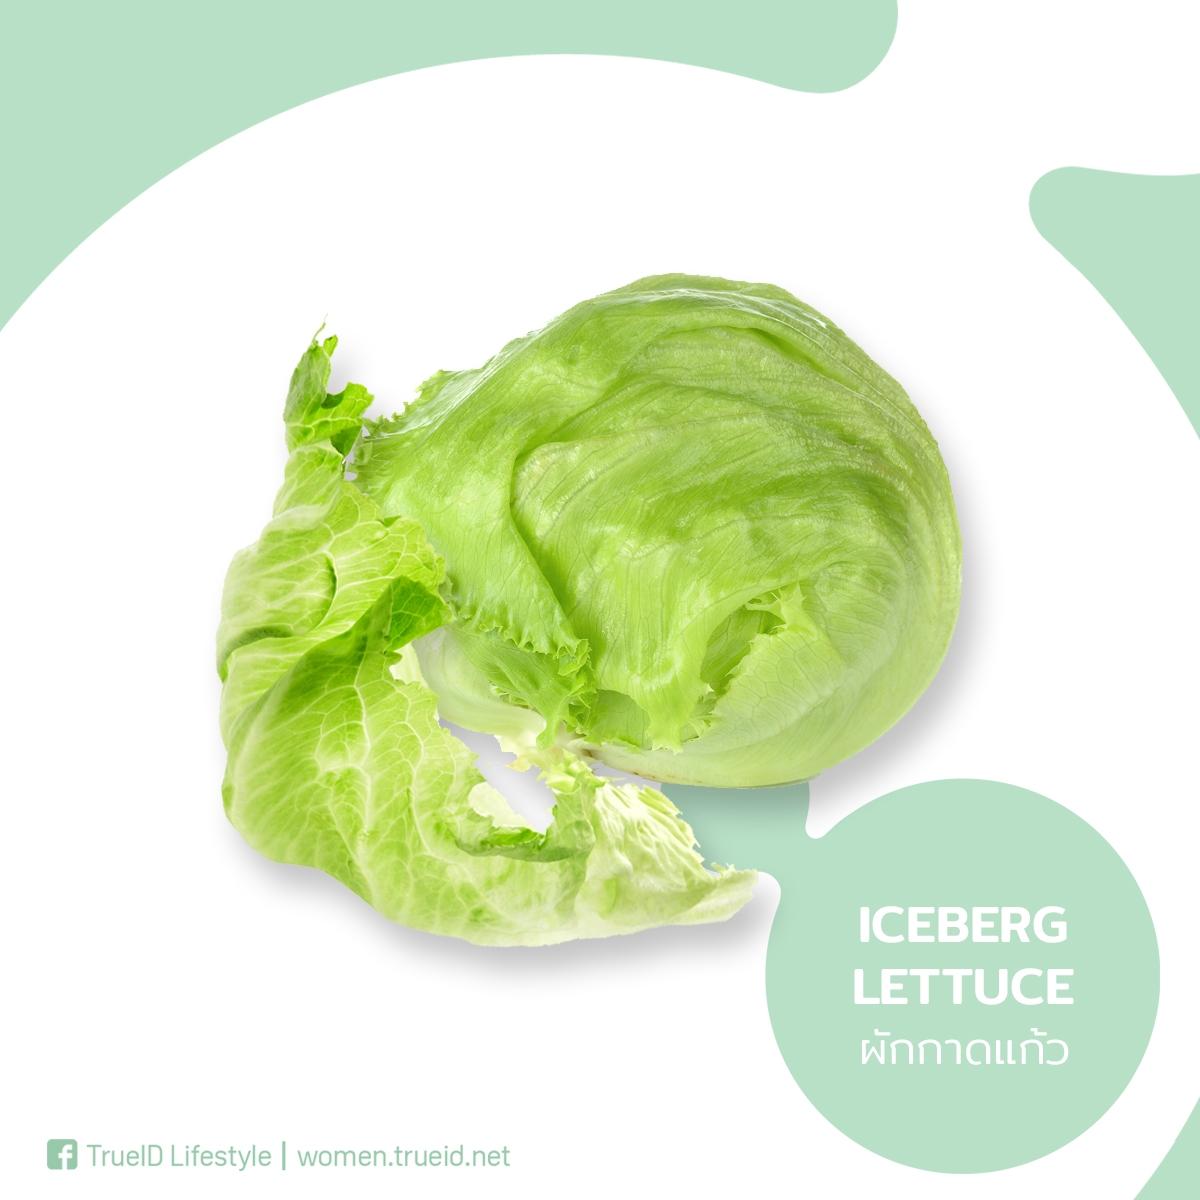 ทำความรู้จัก! 10 ผักสลัด ประโยชน์เพียบ แคลอรี่ต่ำ กินยังไงก็ไม่มีอ้วน!